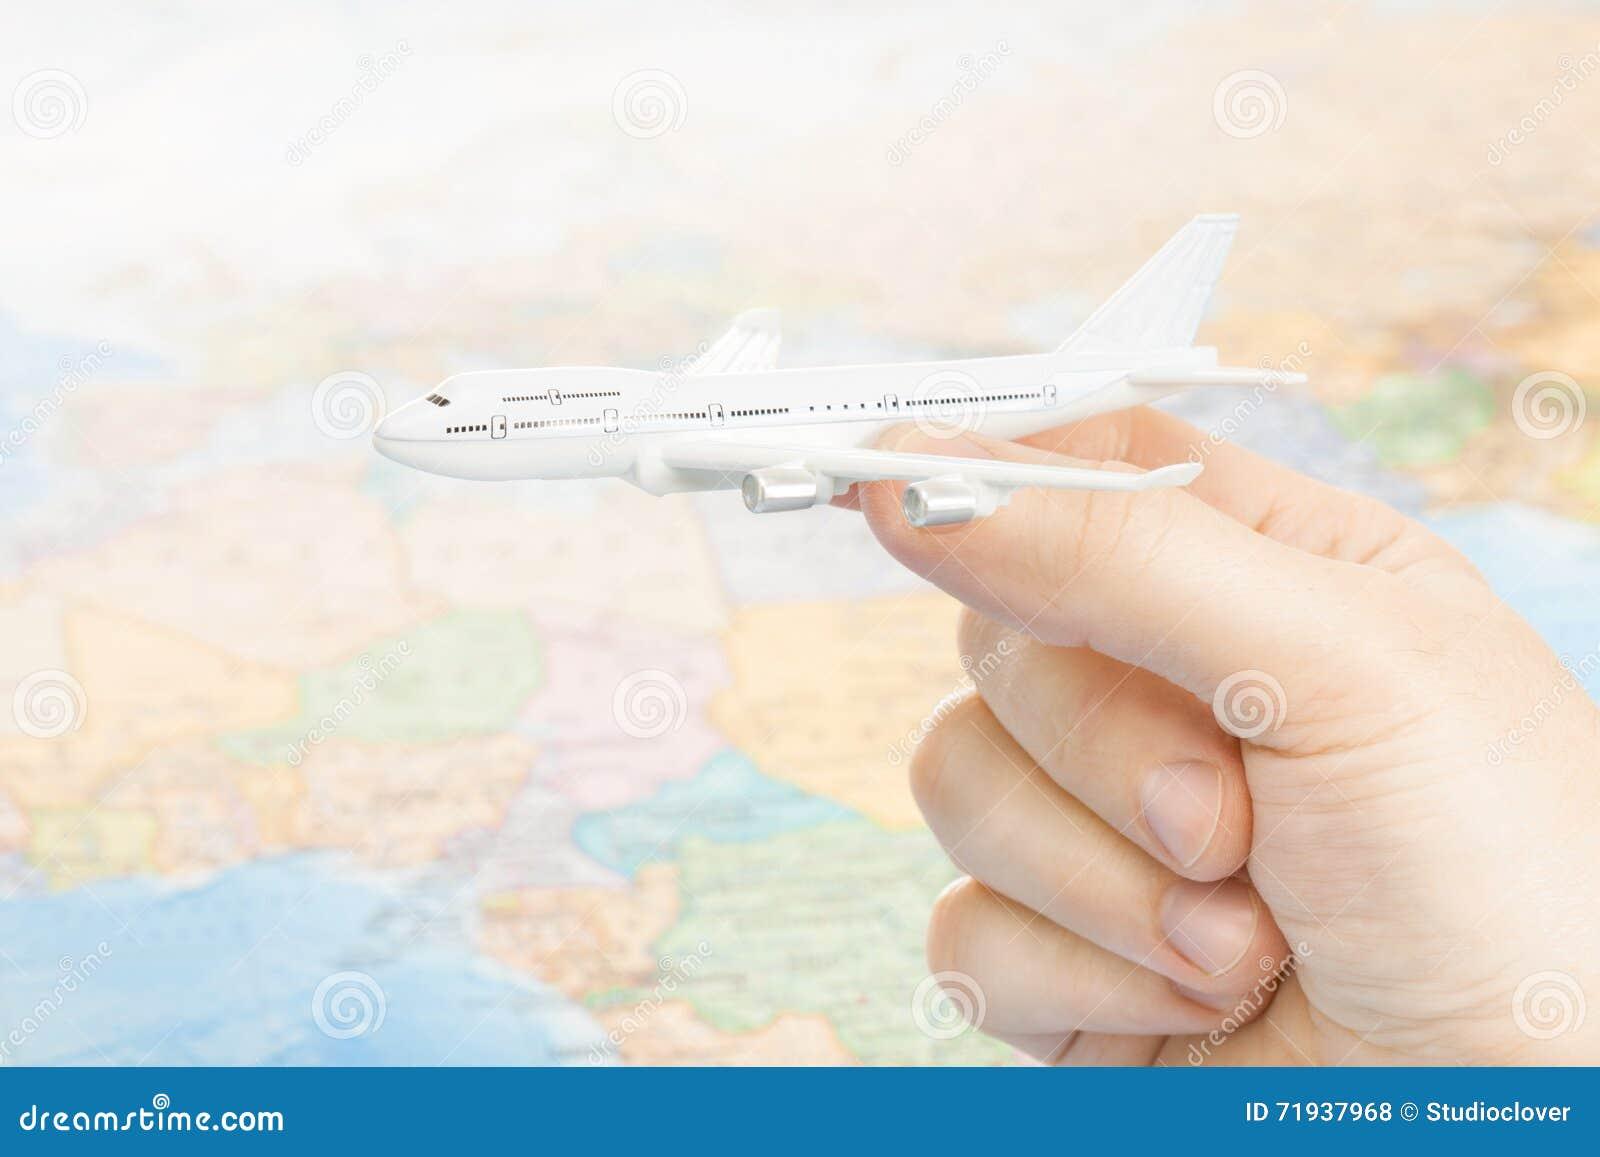 Путешествовать, туризм, сообщения и все вещи связали - съемка студии aircarft игрушки в руке с картой мира на предпосылке